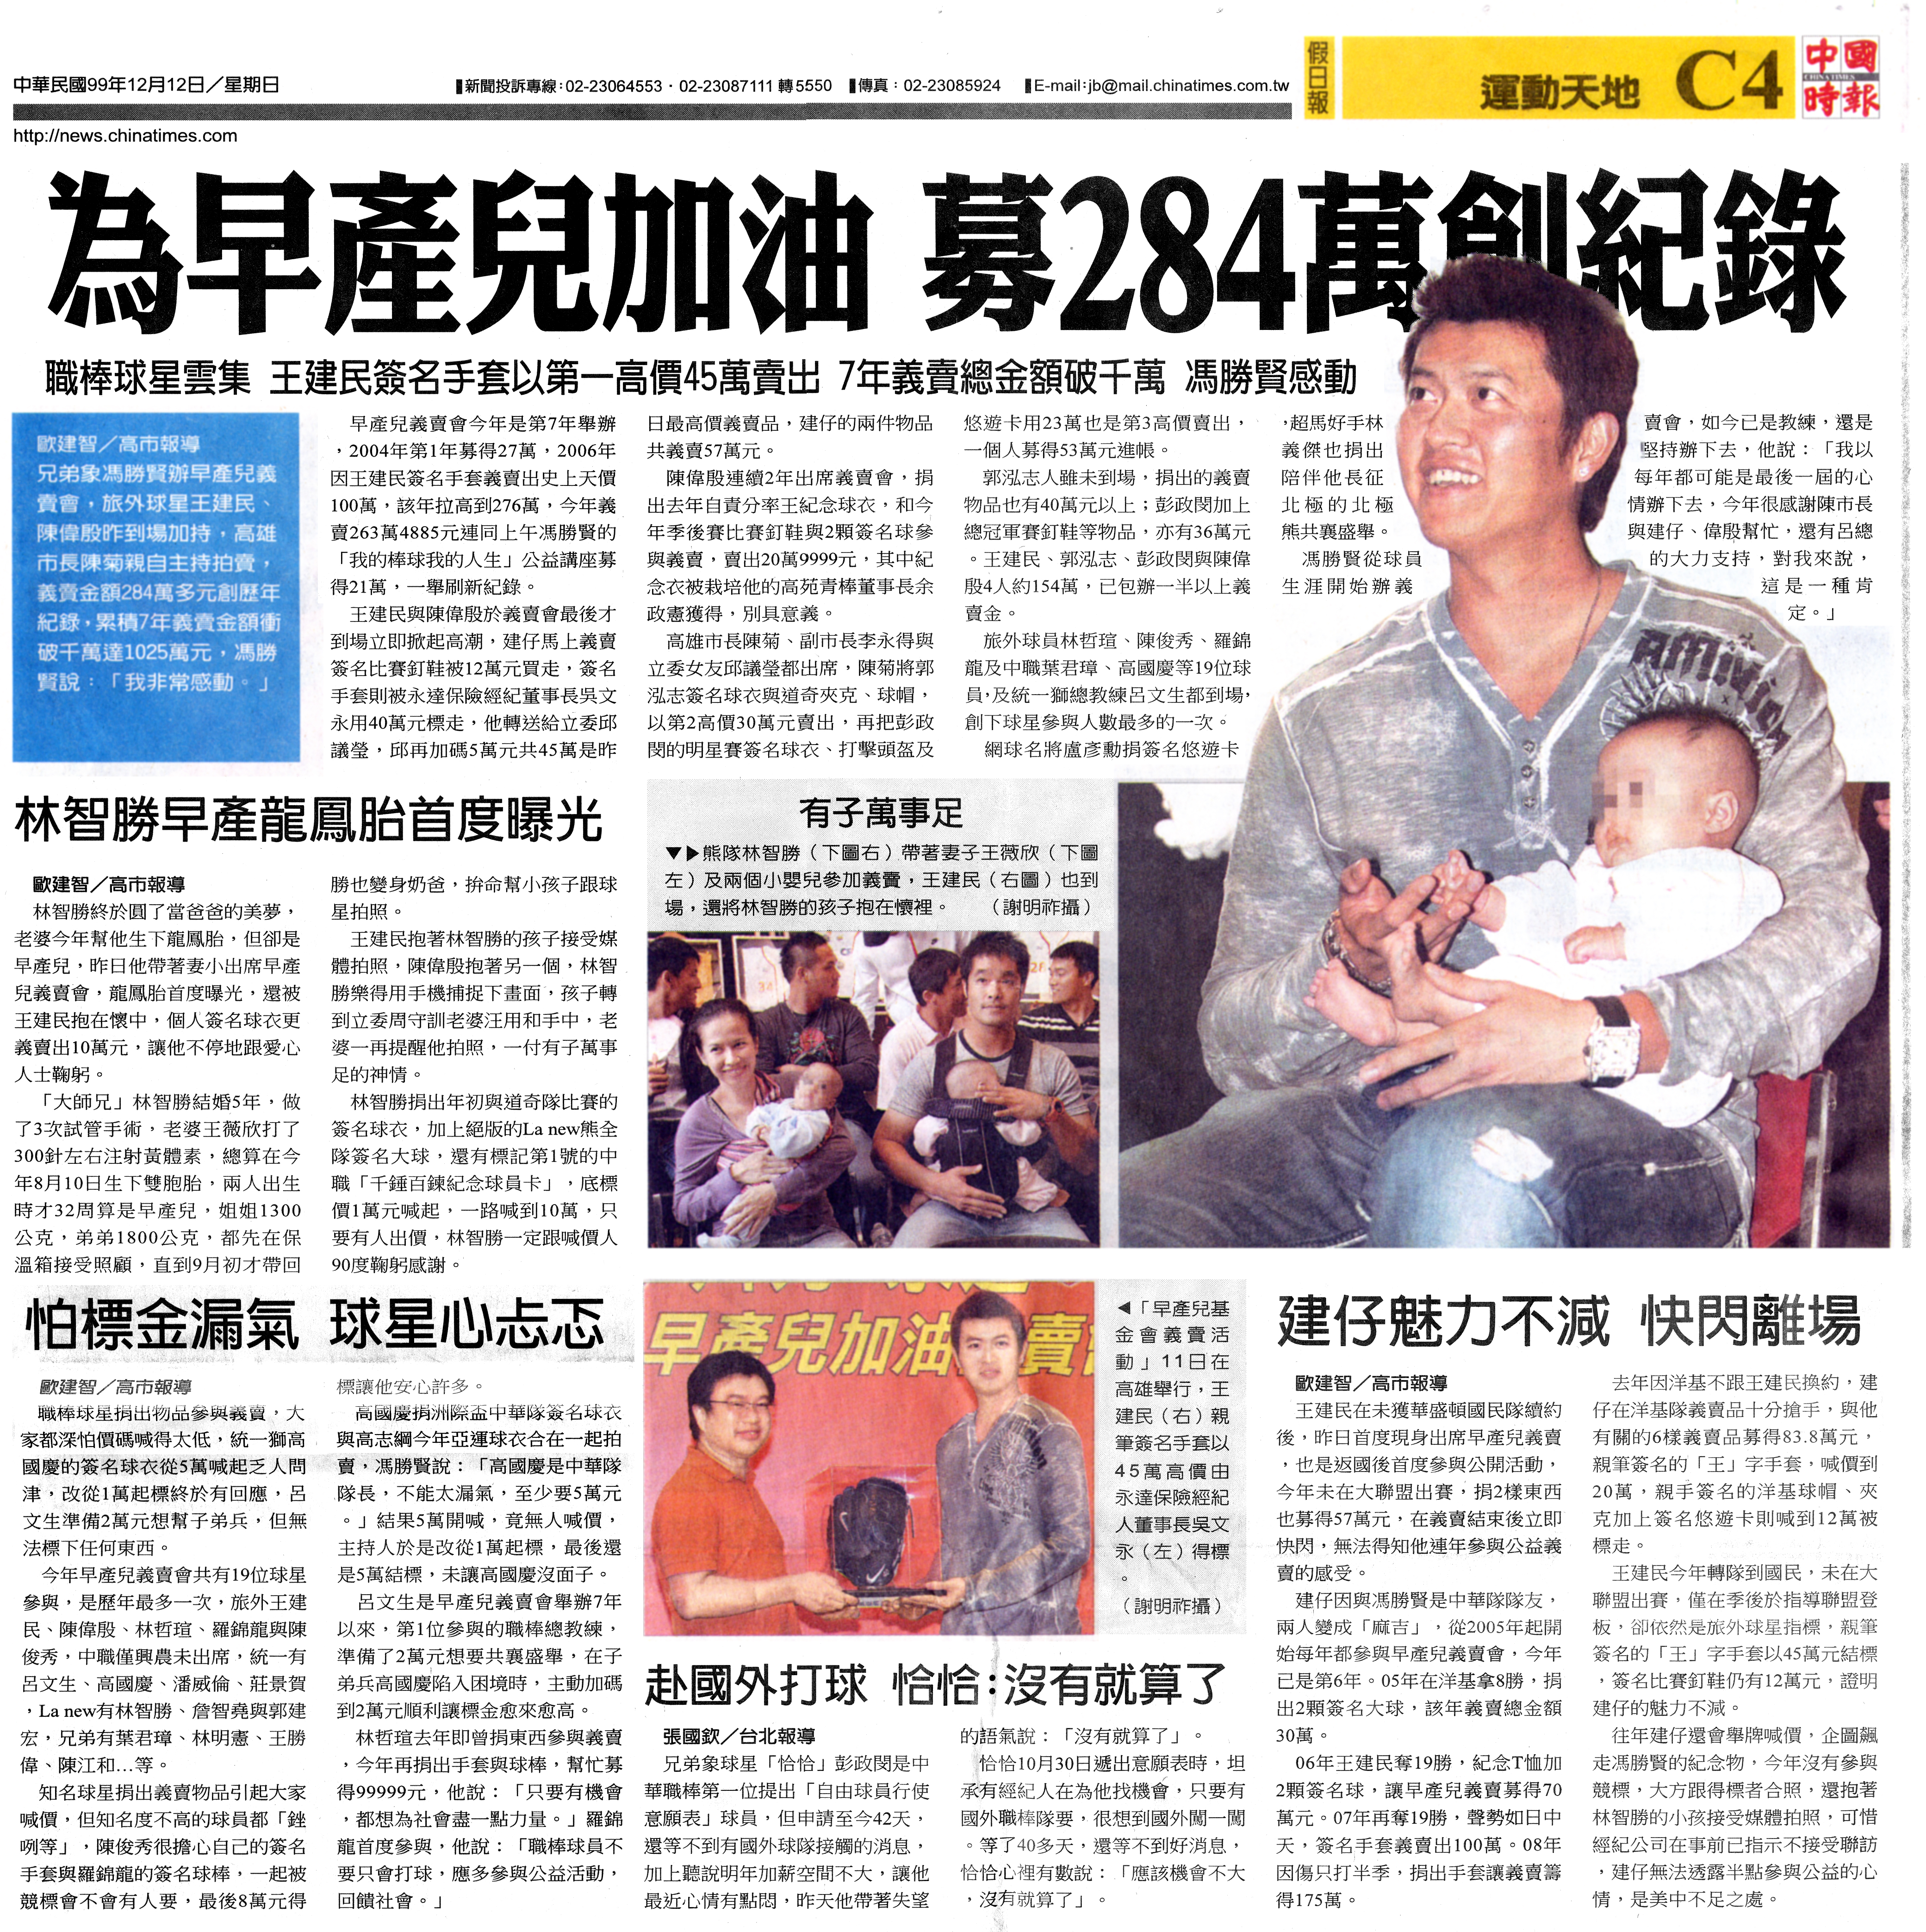 為早產兒加油 募284萬創紀錄—中國時報圖檔